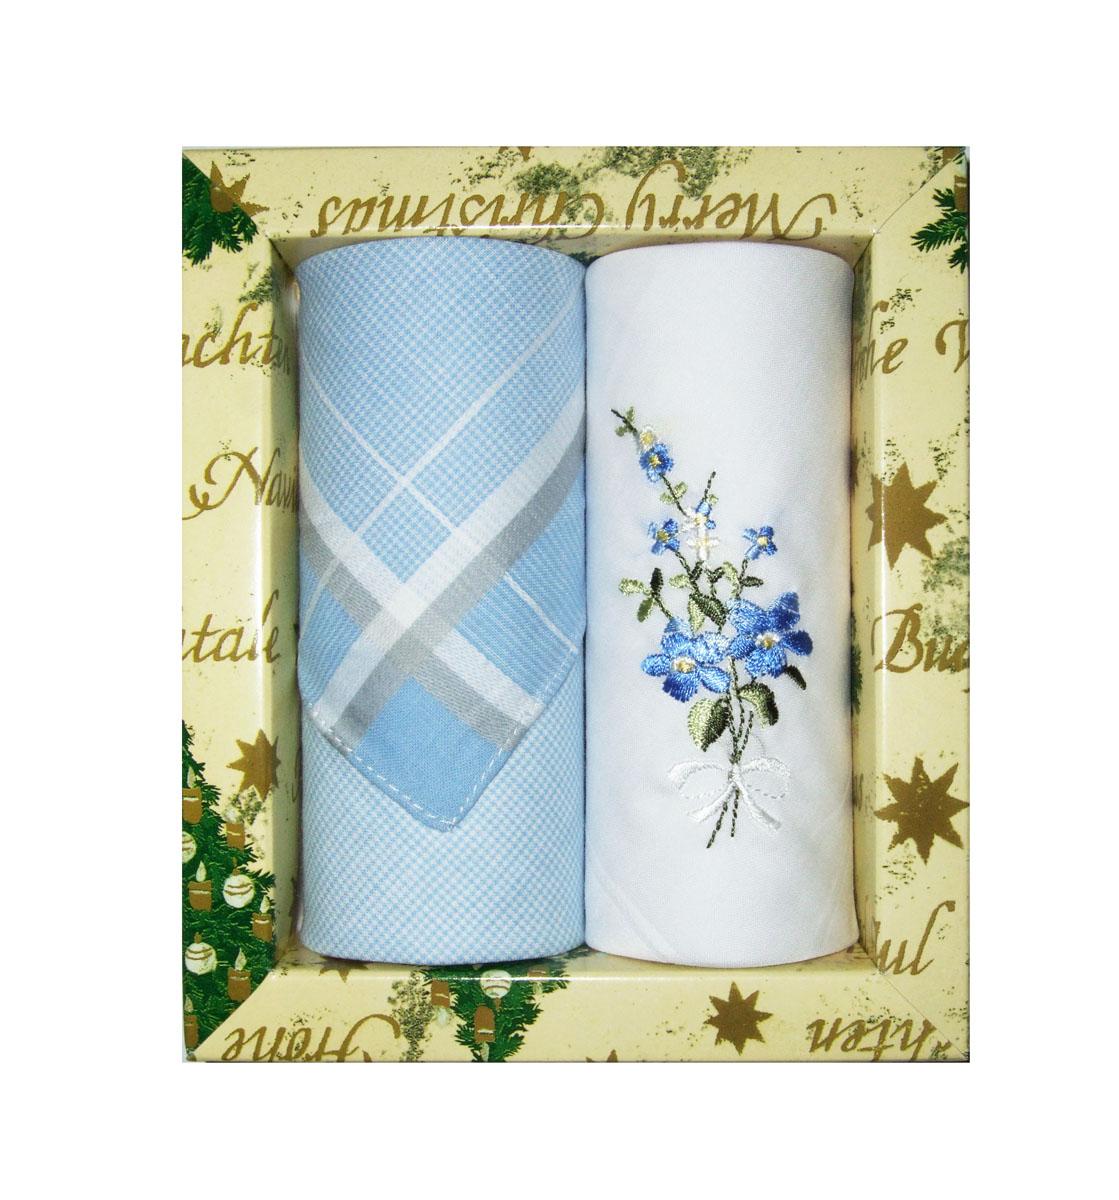 67004 Zlata Korunka Носовой платок женский, цвет: мультиколор, 27х27 см, 2 шт67004Платки носовые женские в упаковке по 2 шт. Носовые платки изготовлены из 100% хлопка, так как этот материал приятен в использовании, хорошо стирается, не садится, отлично впитывает влагу.